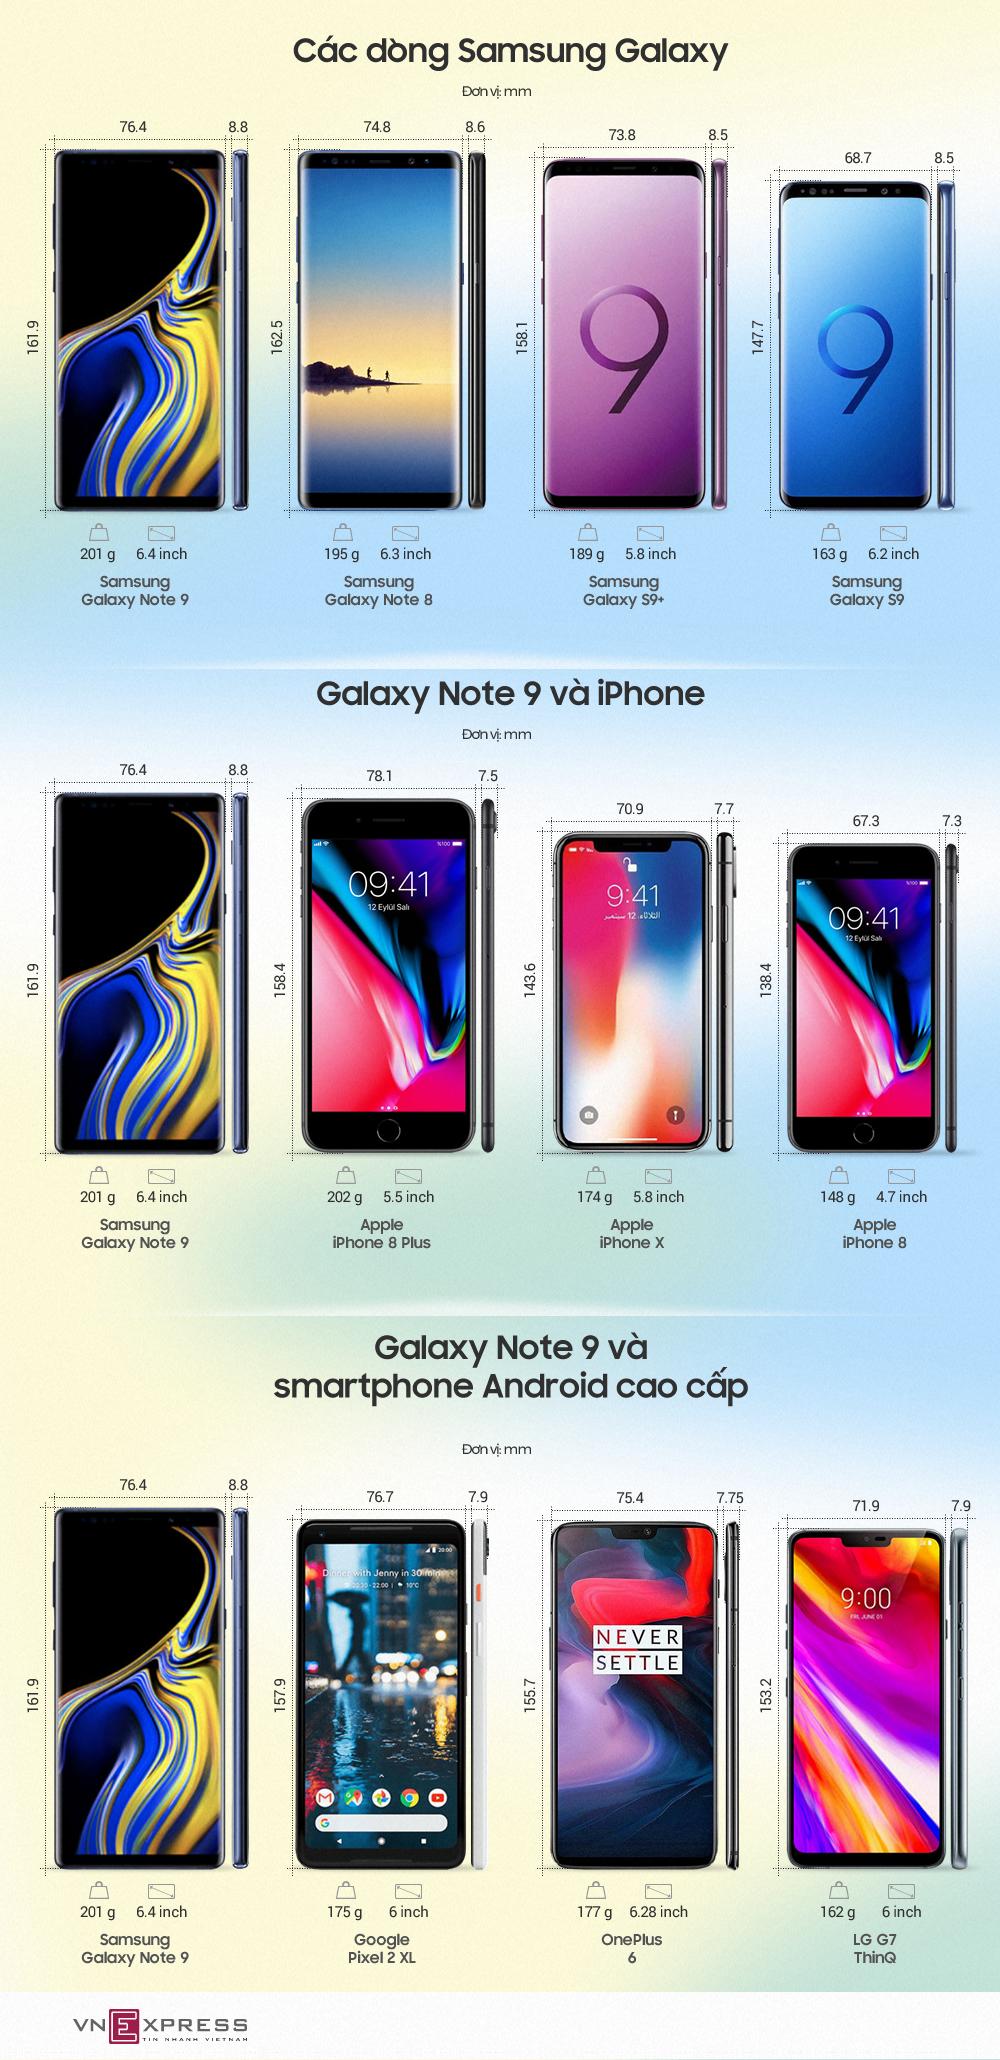 Galaxy Note9 so độ 'thon gọn' với các smartphone cao cấp